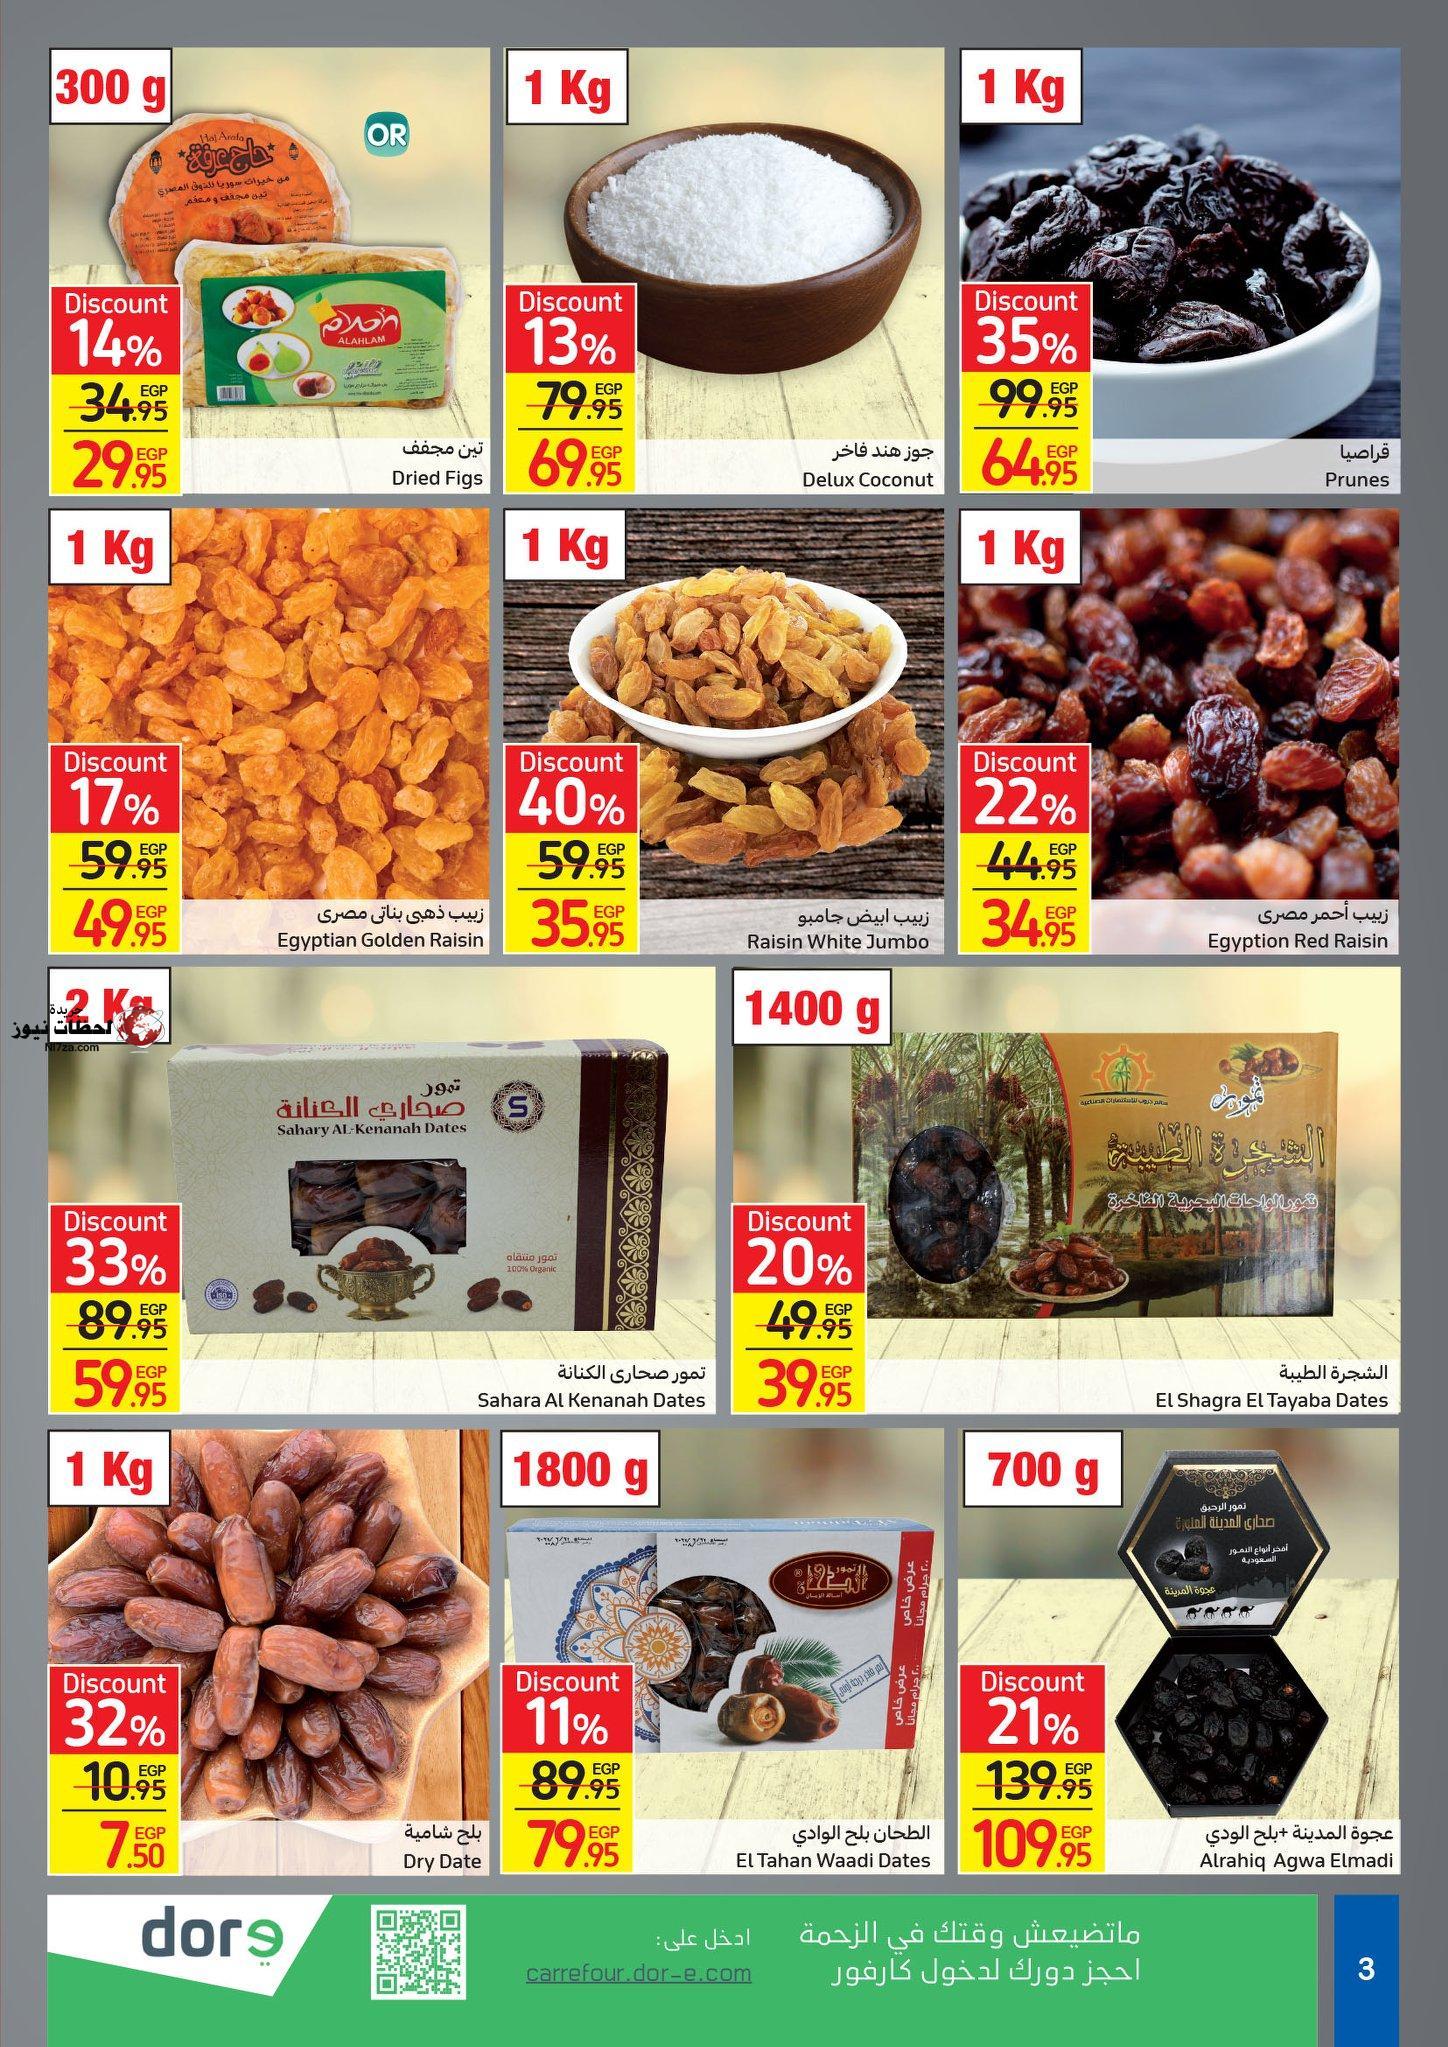 عروض كارفور هي الأقوي لشهر رمضان المبارك 2021 بخصومات 50%.. تابع التفاصيل 12